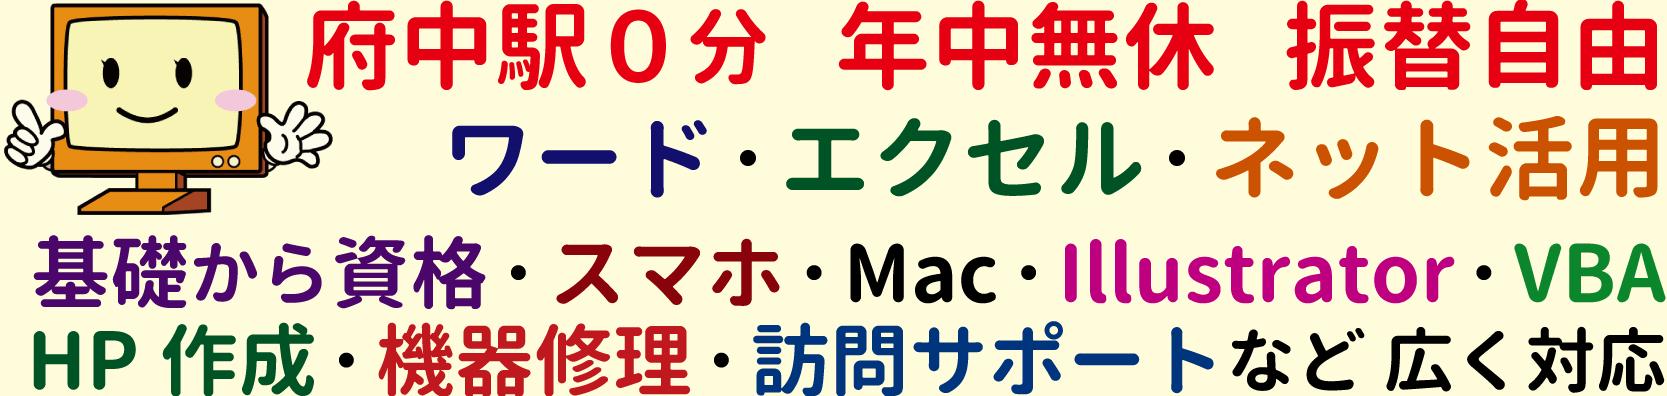 府中駅0分 年中無休 振替自由 基礎から資格・スマホ・HP作成・Mac・修理・訪問サポートまで広く対応